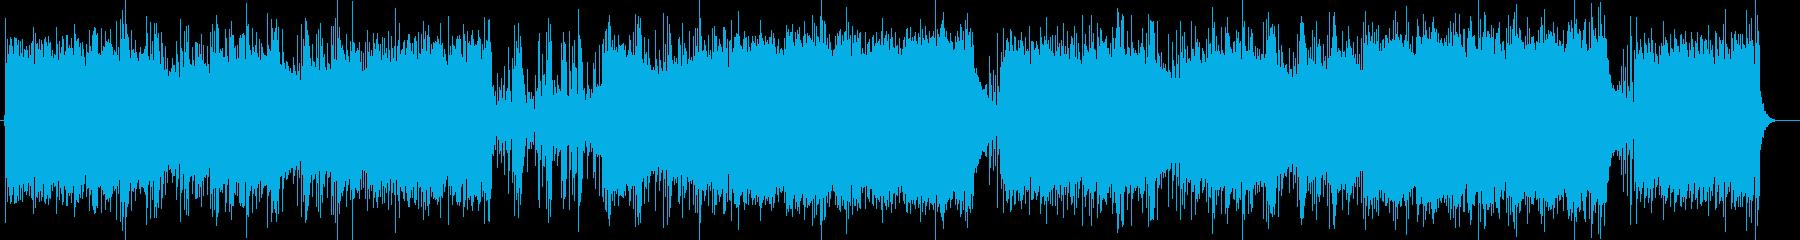 温かみのあるリラクゼーションミュージックの再生済みの波形